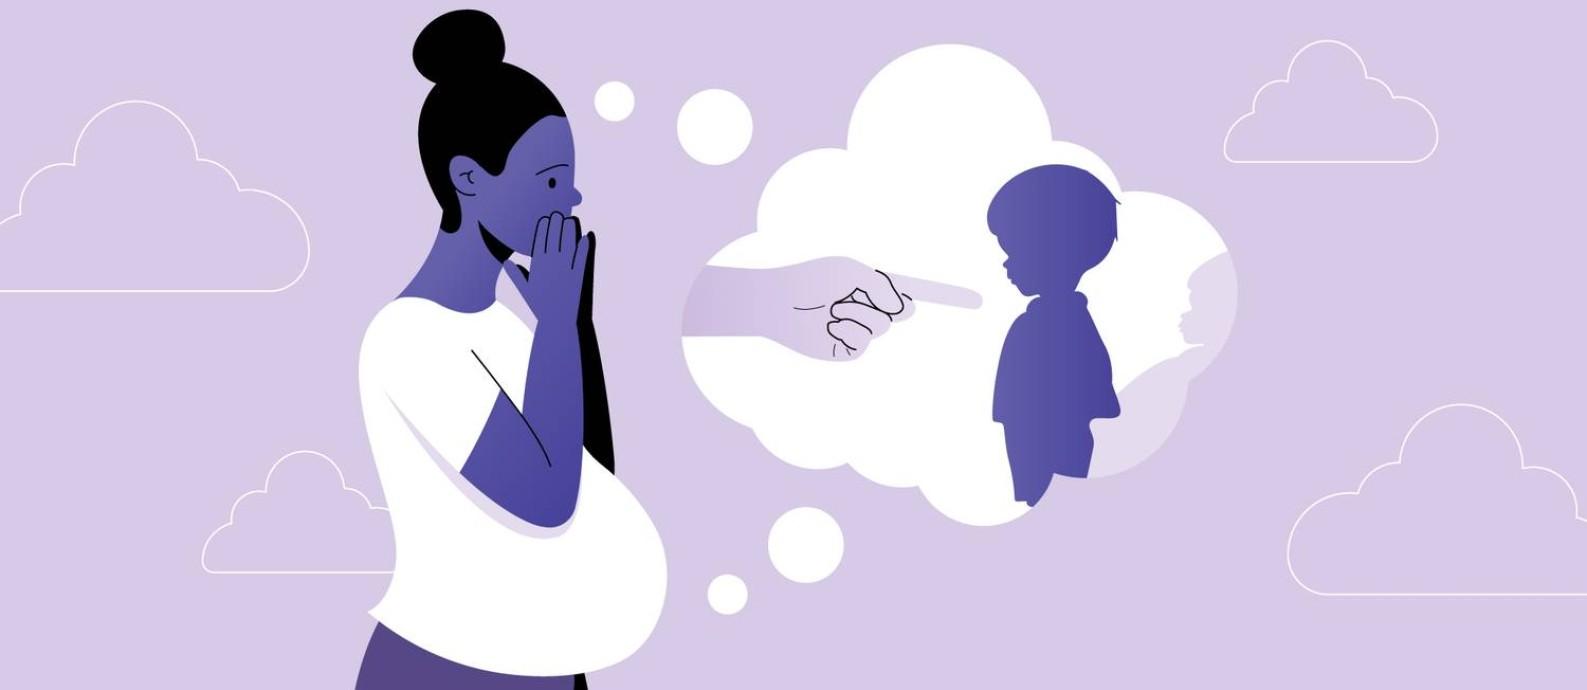 Com o afastamento da ideia de que o valor de uma mulher é diretamente relacionado à sua capacidade reprodutiva e atributos maternais, muitas mulheres têm optado por não ter filhos. Entre as mulheres negras, porém, o racismo pode se estabelecer como um fator determinante nessa decisão Foto: Arte de Ana Luiza Costa